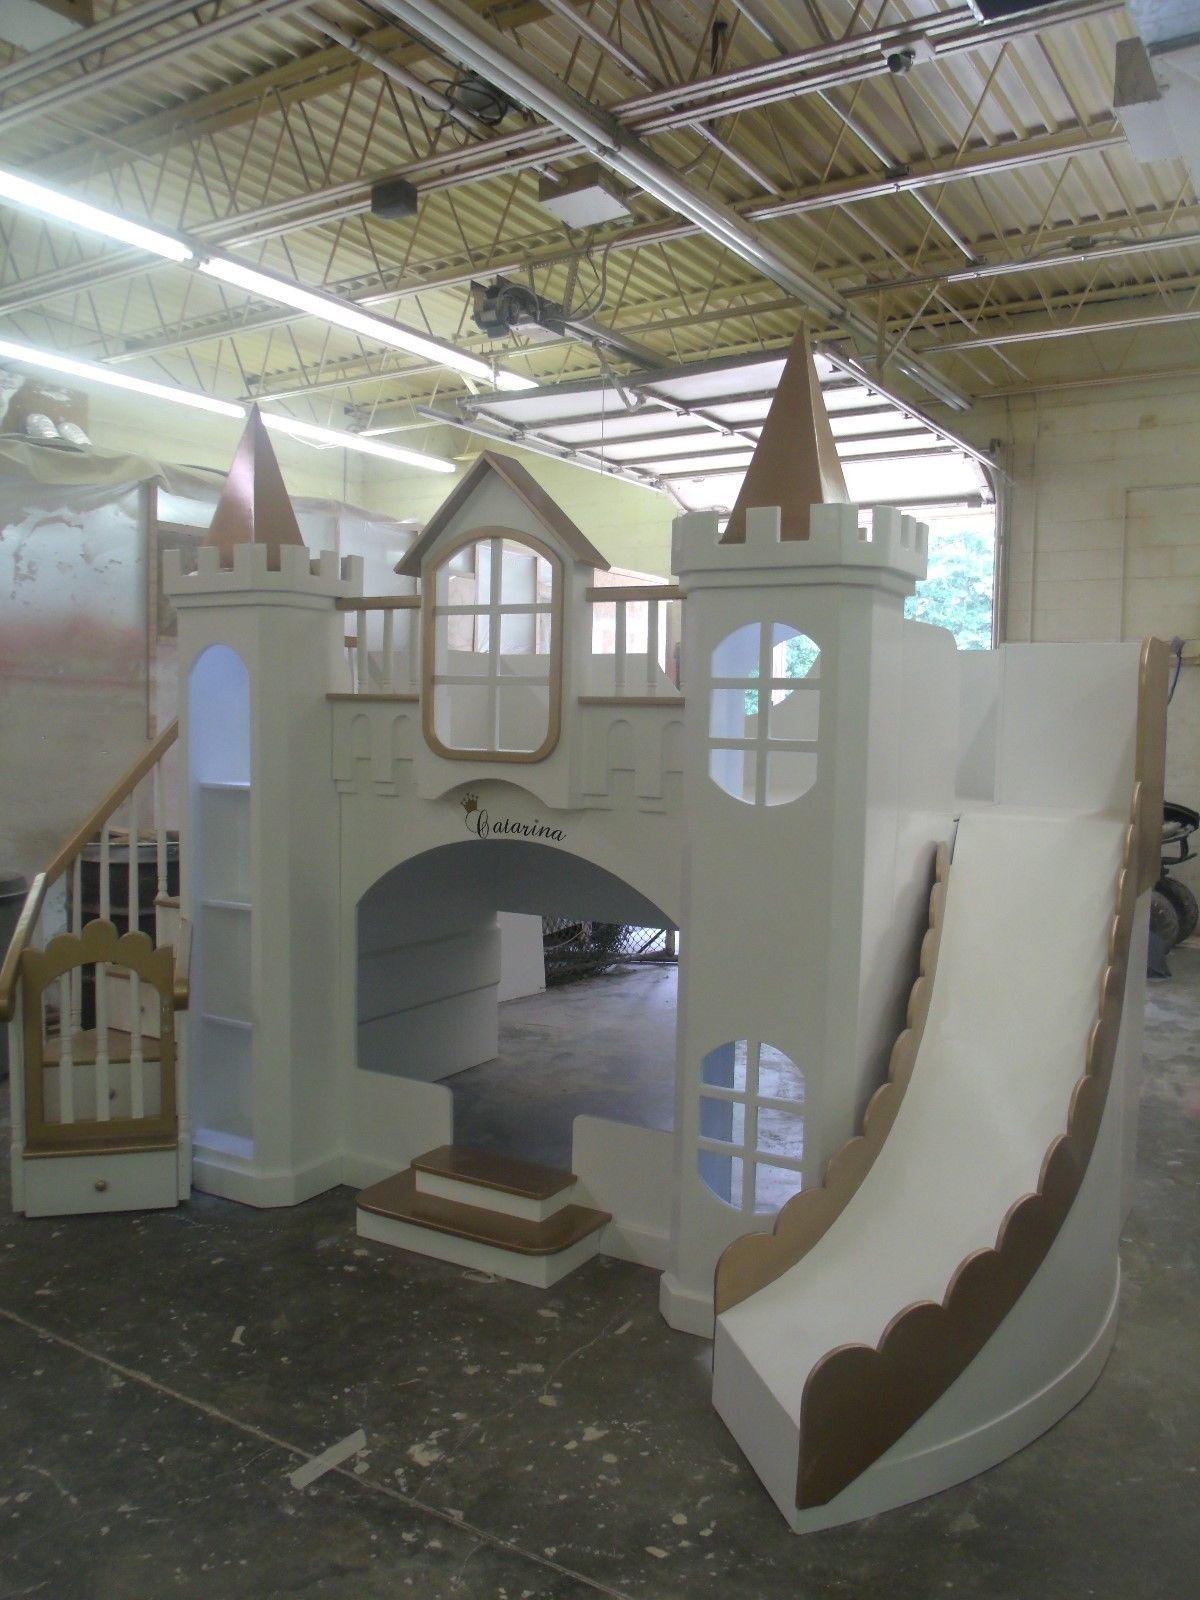 New Custom Princess Catarina Castle Loft Bed eBay Play